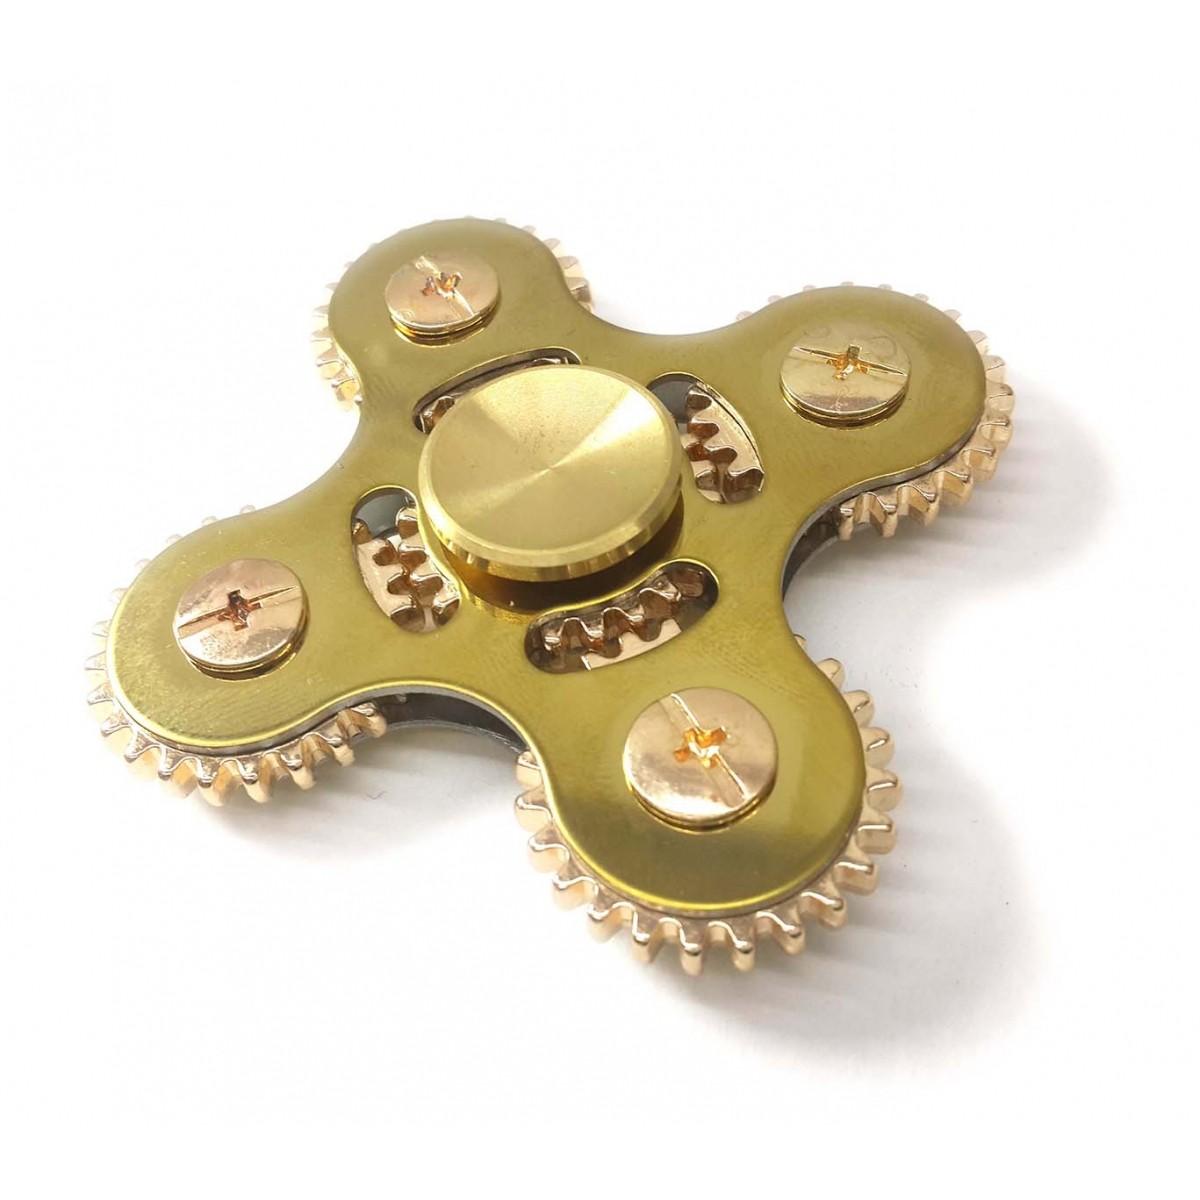 Hand Spinner Fidget De Metal Com Engrenagem Gira Ansiedade Estresse Brinquedo Cor Dourado (bsl-gira-11)